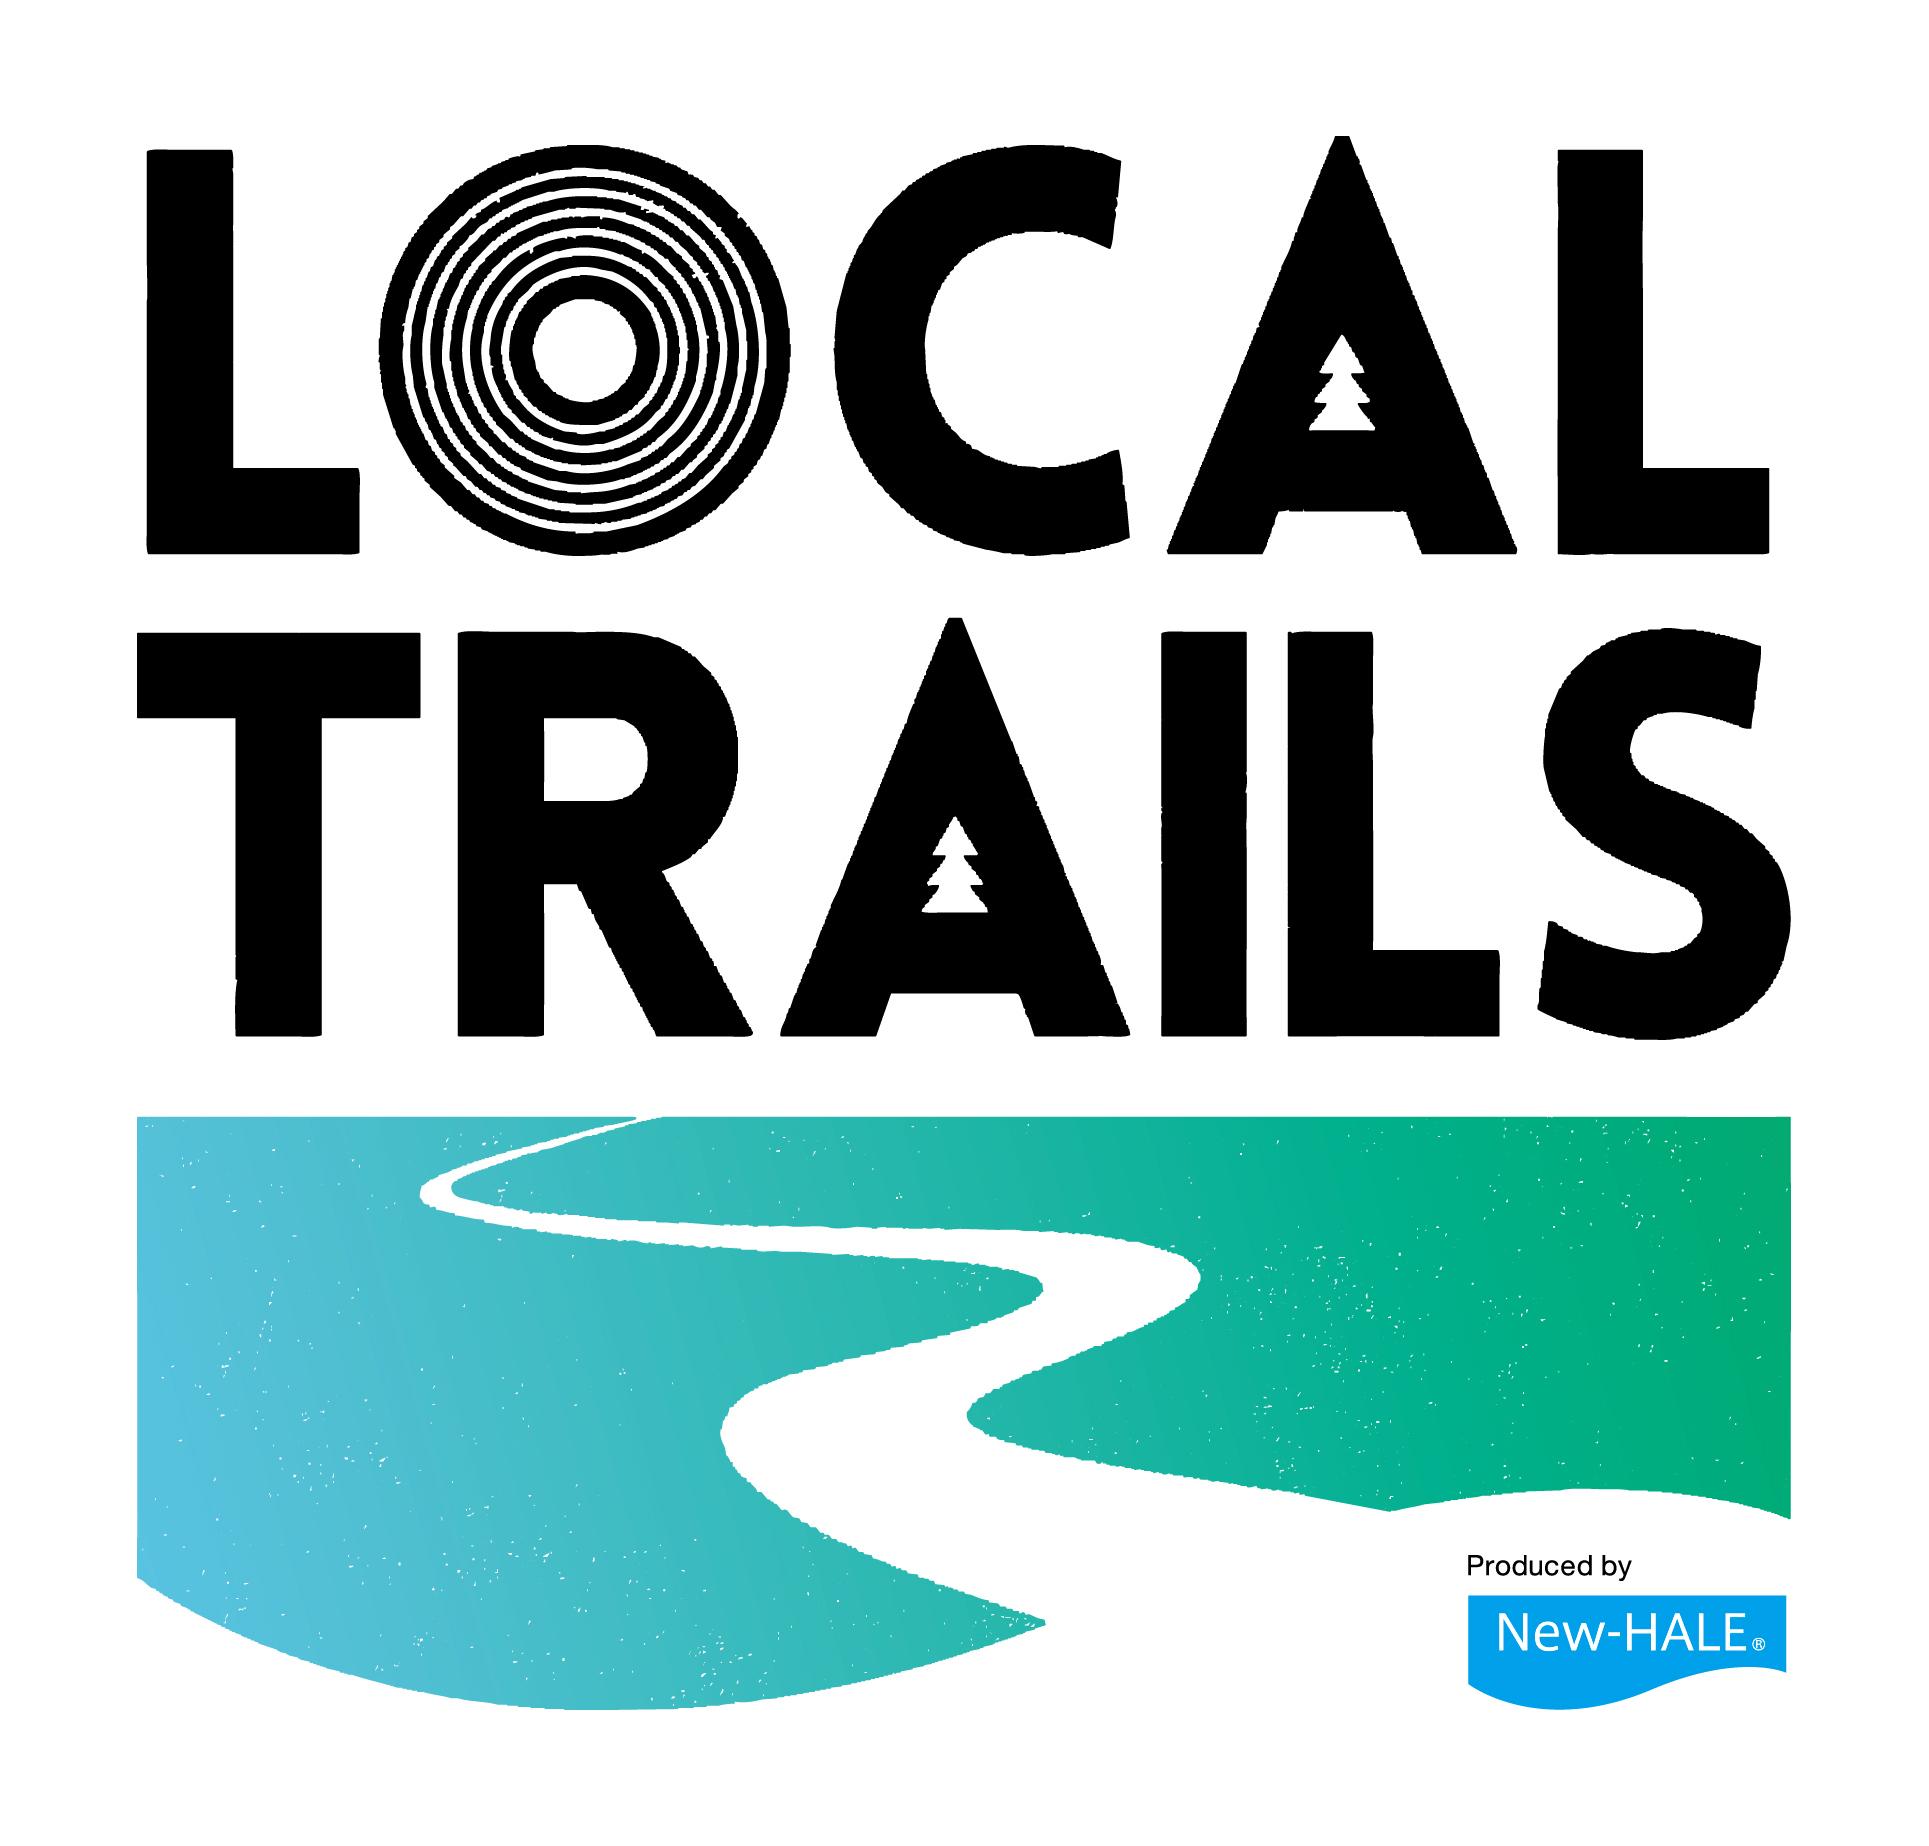 【トレイルラン・山梨】 LOCAL TRAILS ~Produced by New-HALE~ 小川壮太 TRAILS「甲州市」 2021.08.01.sun